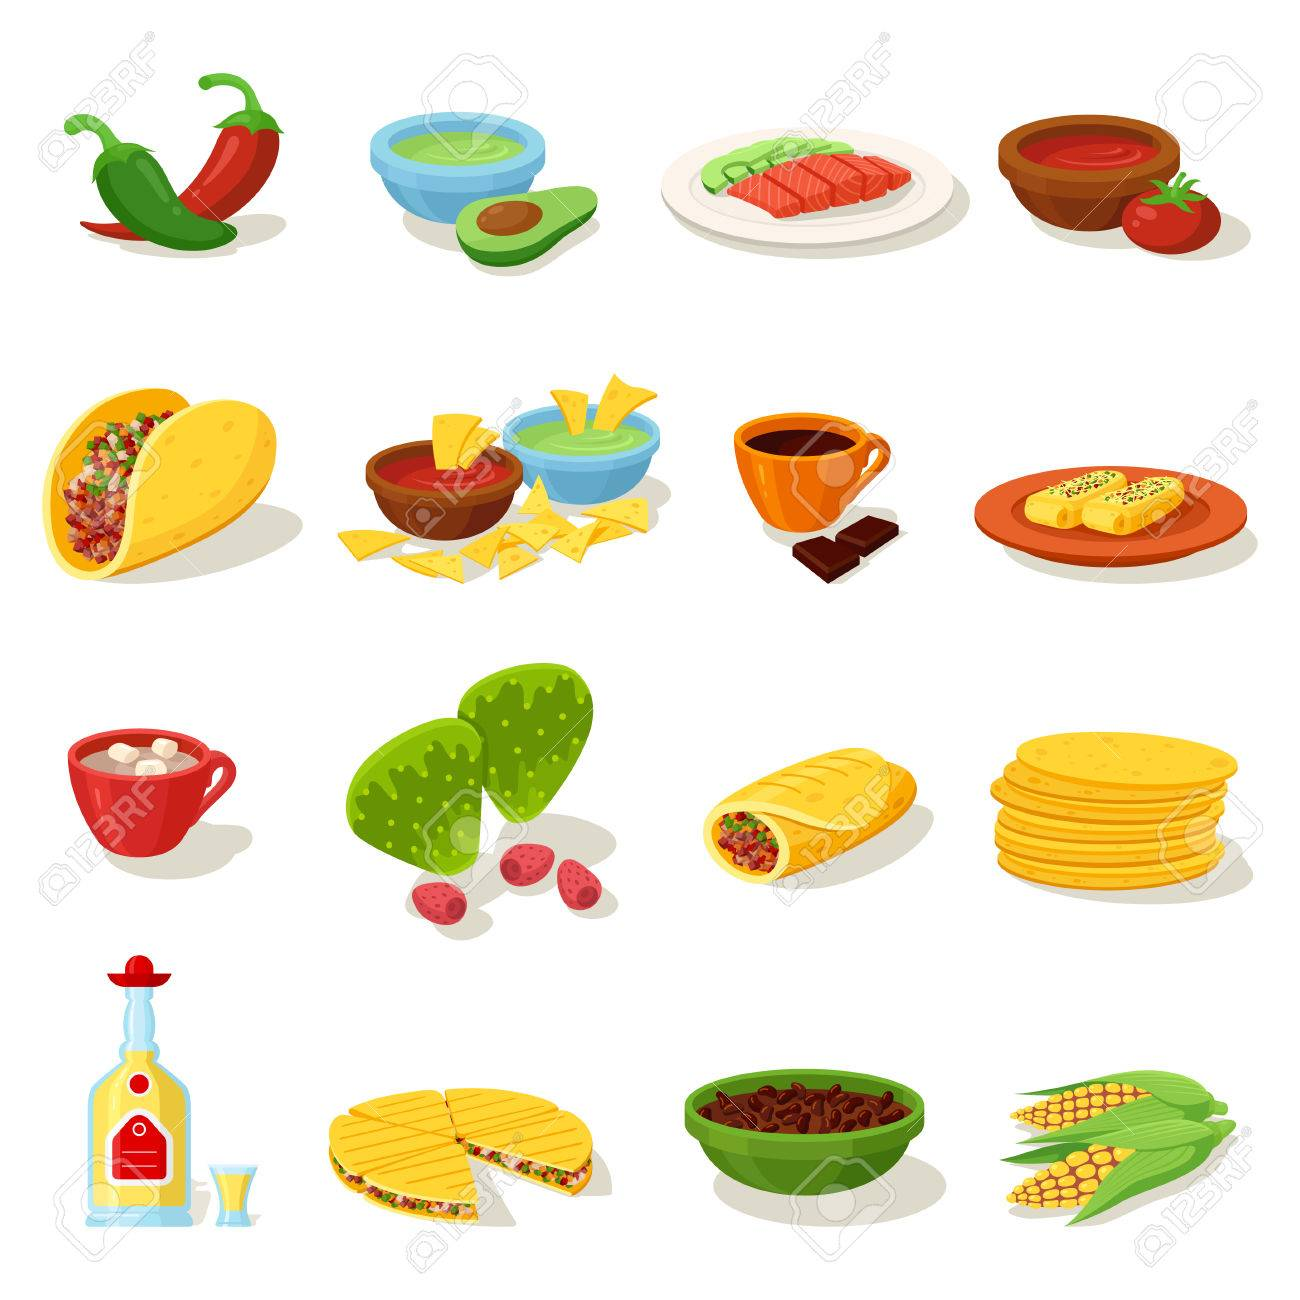 Conjunto De Iconos De Menú Tradicional Comida Mexicana Deliciosas Recetas Para Cocinar Cocina Auténtica Comida De Festival Vector Plana